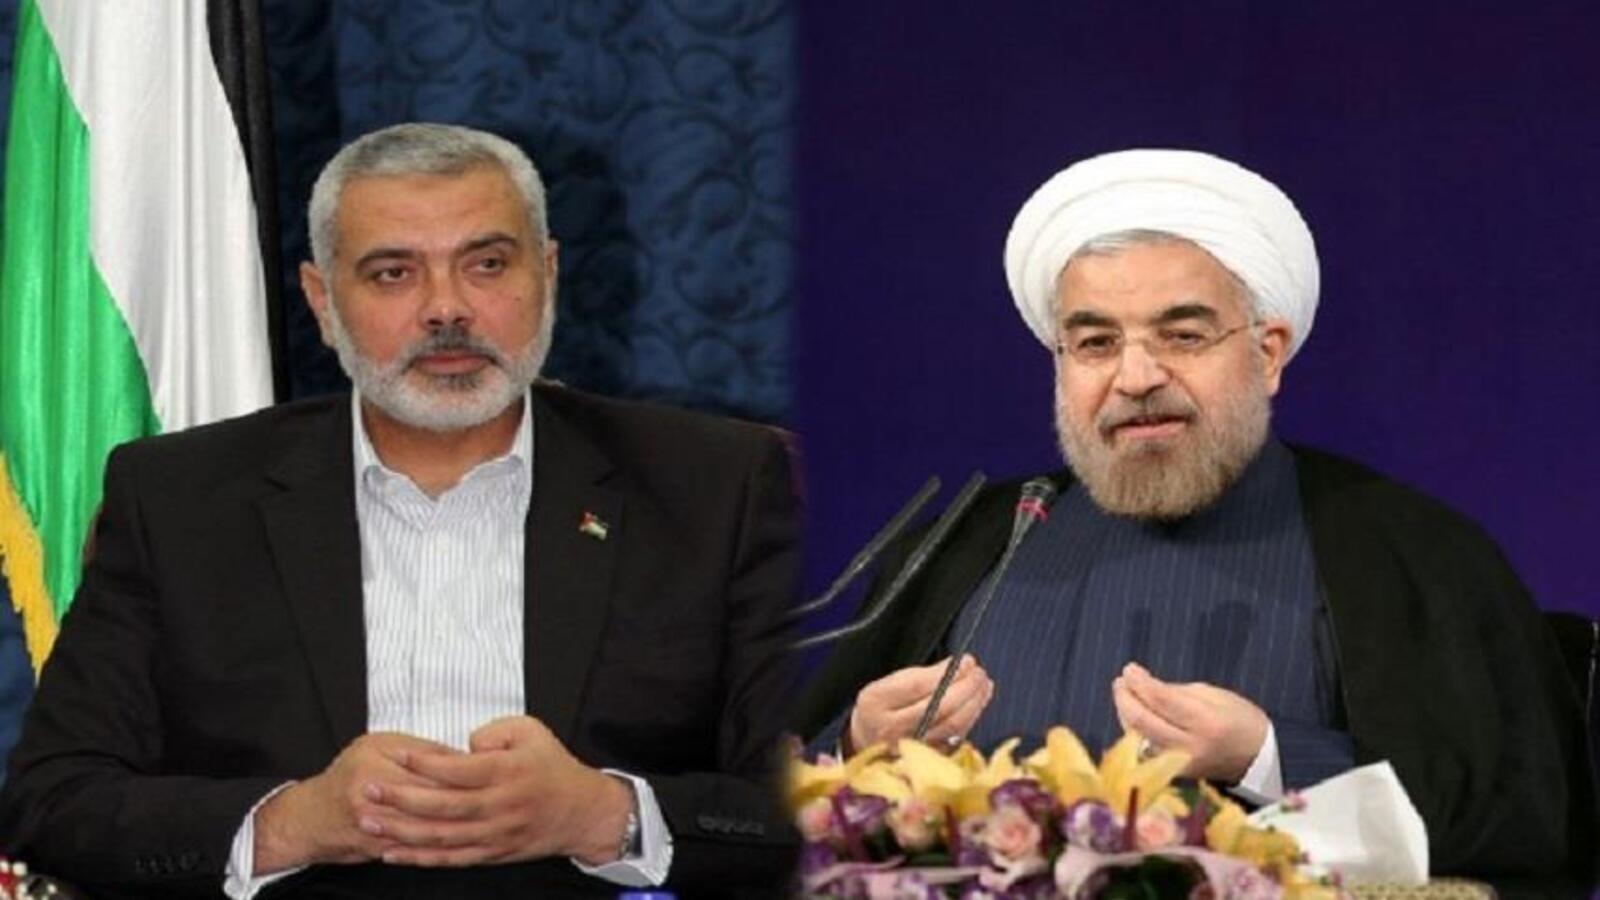 حماس وإيران: أكثر من مجرد تفاهم وليس تحالفًا كاملاً